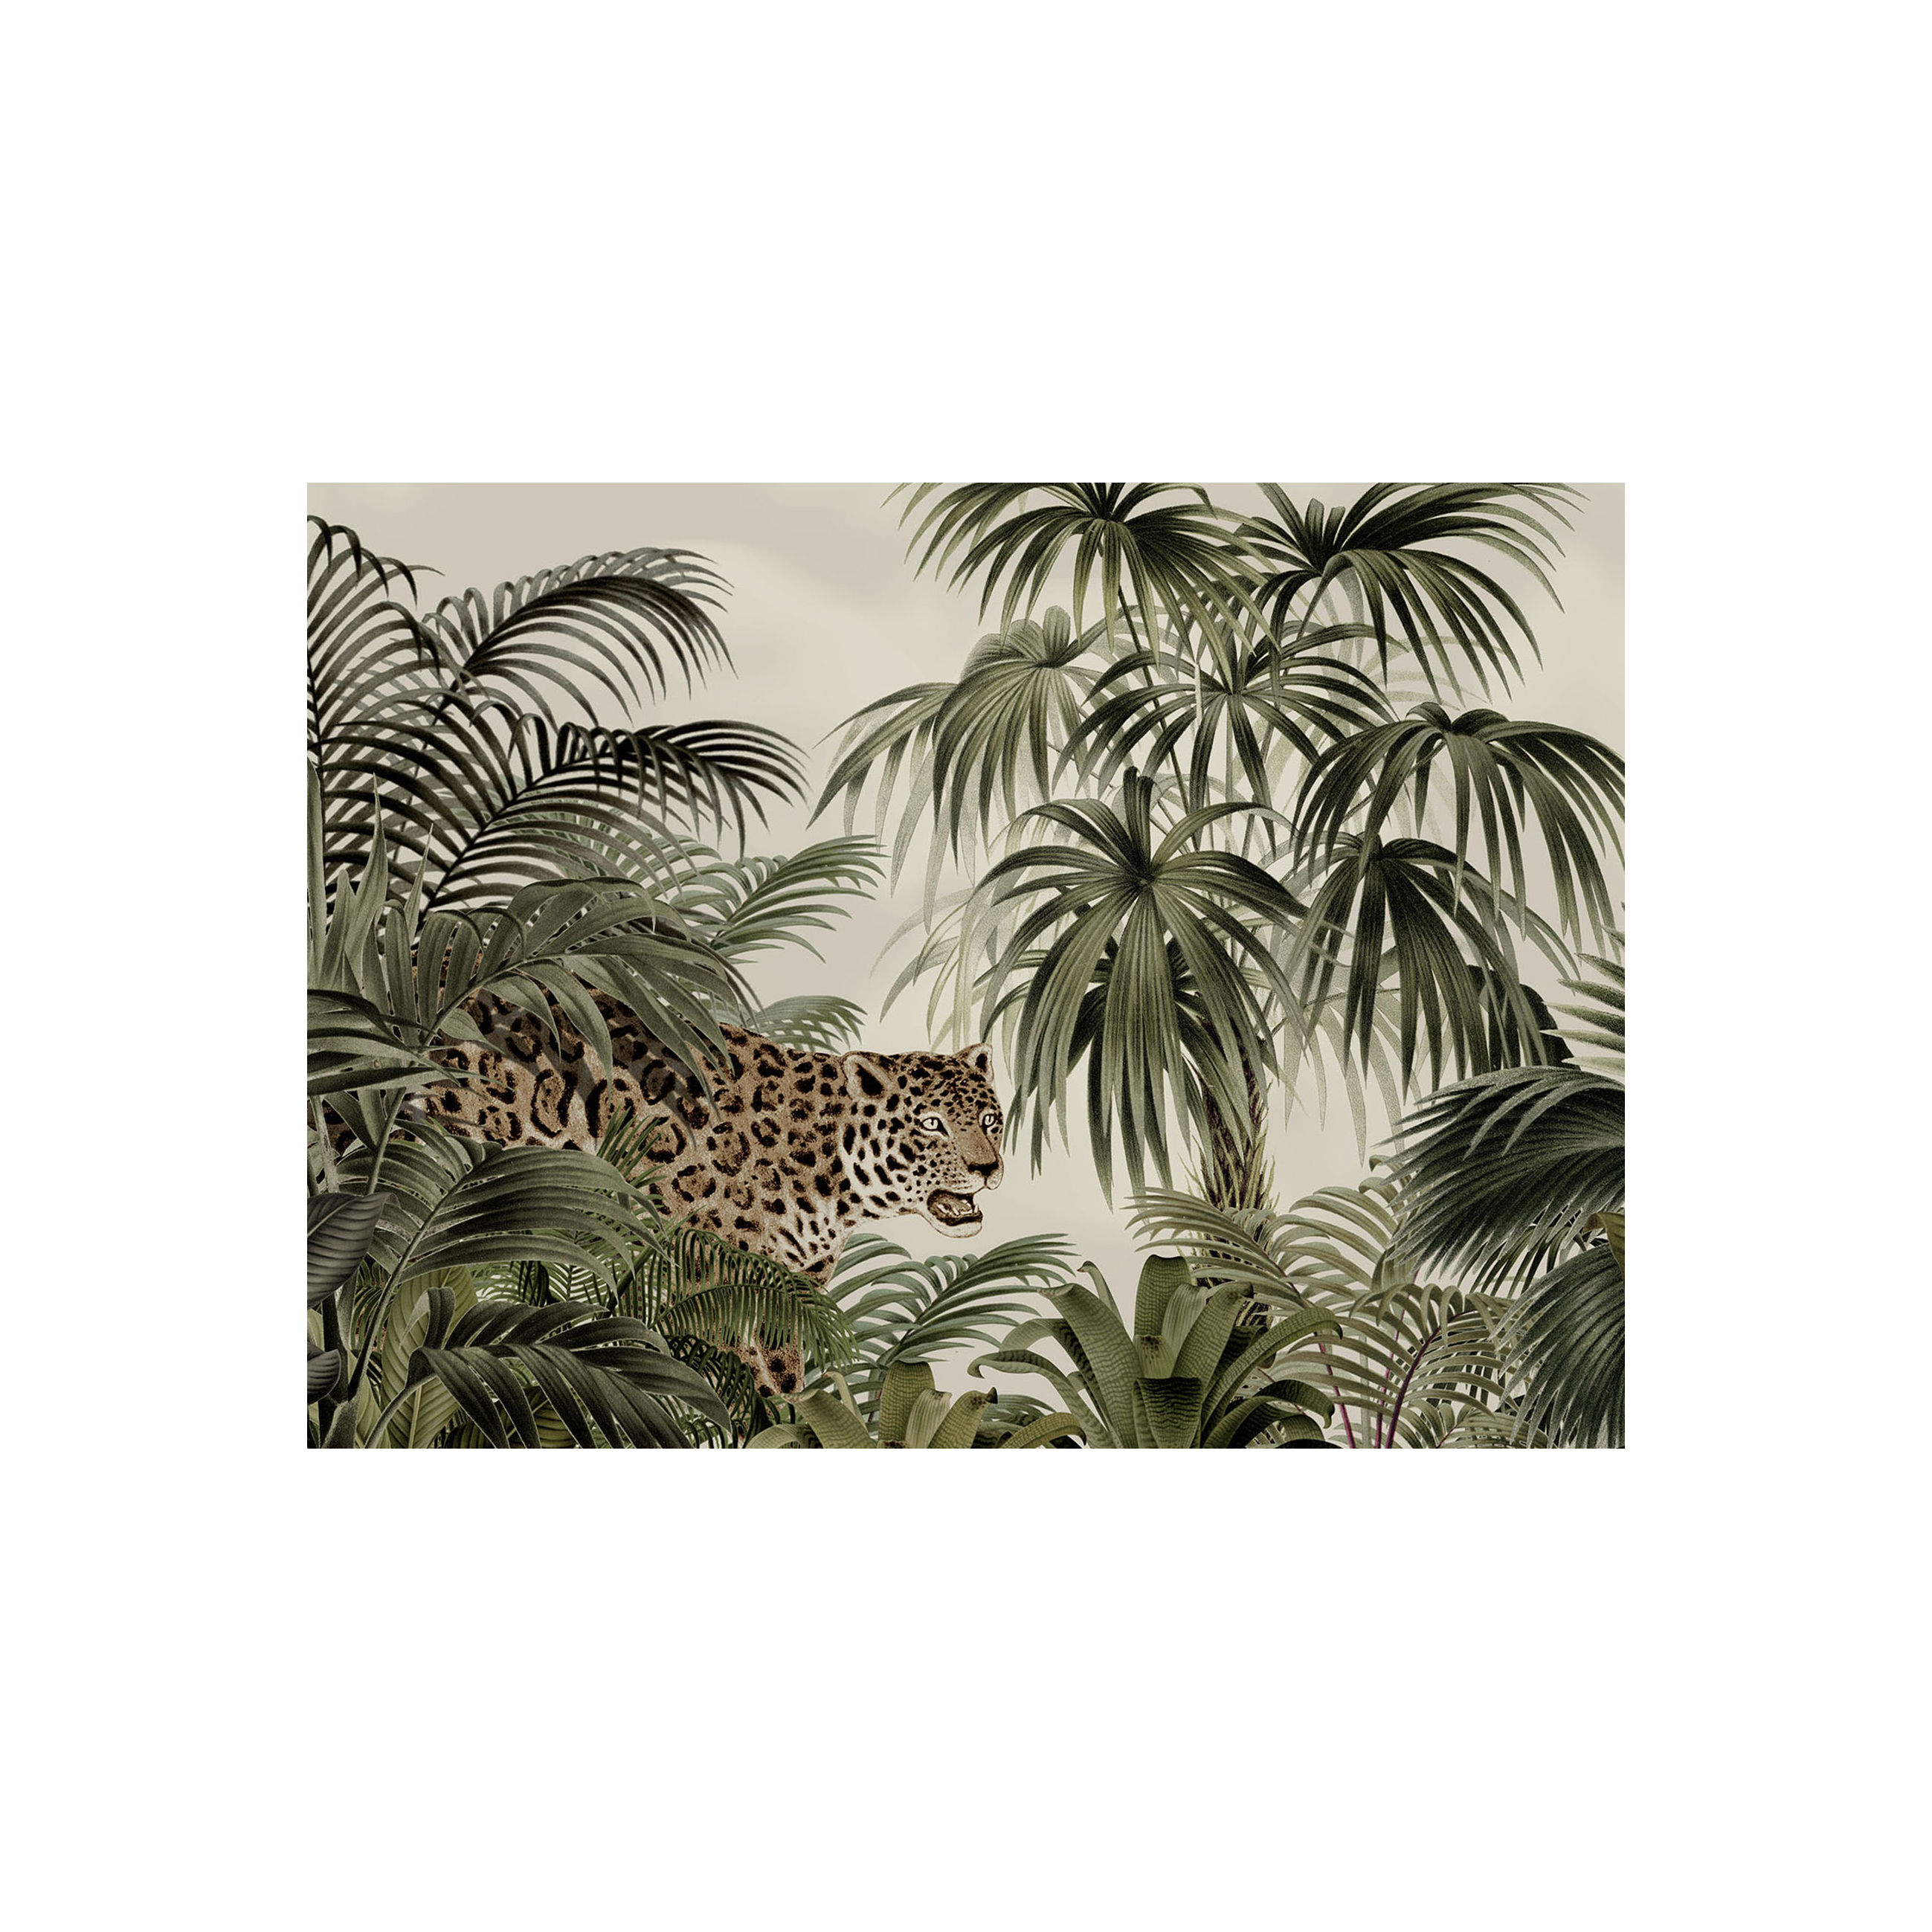 Arts de la table - Nappes, serviettes et sets - Set de table Tresors / Vinyle - Beaumont - Léopard / Vert & beige - Vinyle